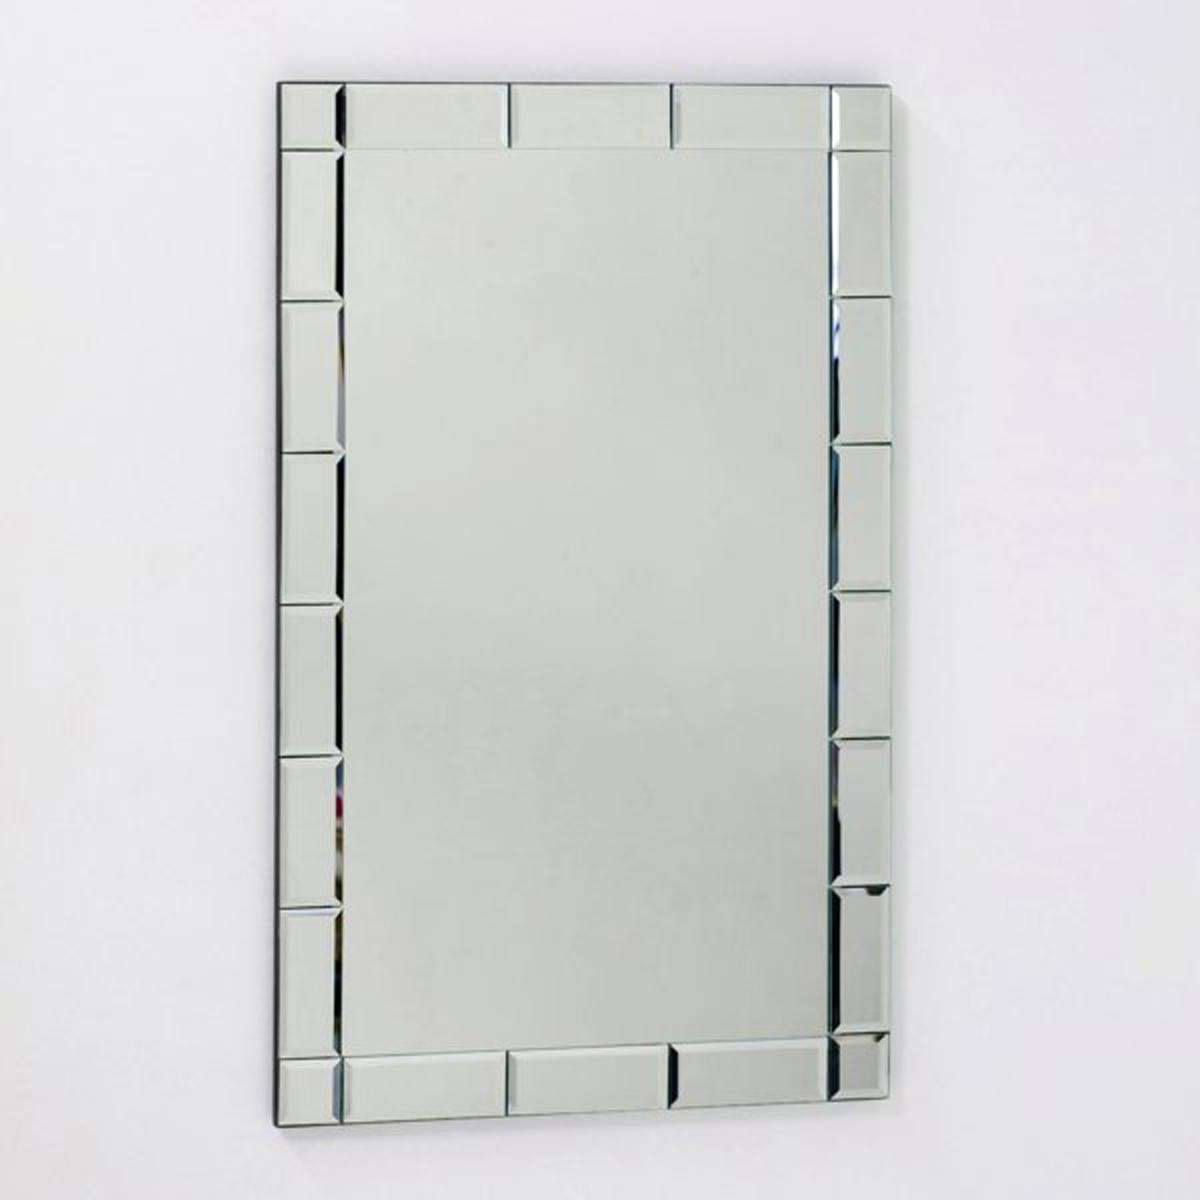 Зеркало настенное Astier, большая модель, Ш.50 x В.80 cмЭто настенное зеркало придаст комнате изысканный и утонченный стиль. Рамка со скошенными краями придает больше глубины  .    Размеры :Ш.50 x В.80 см<br><br>Цвет: безцветный